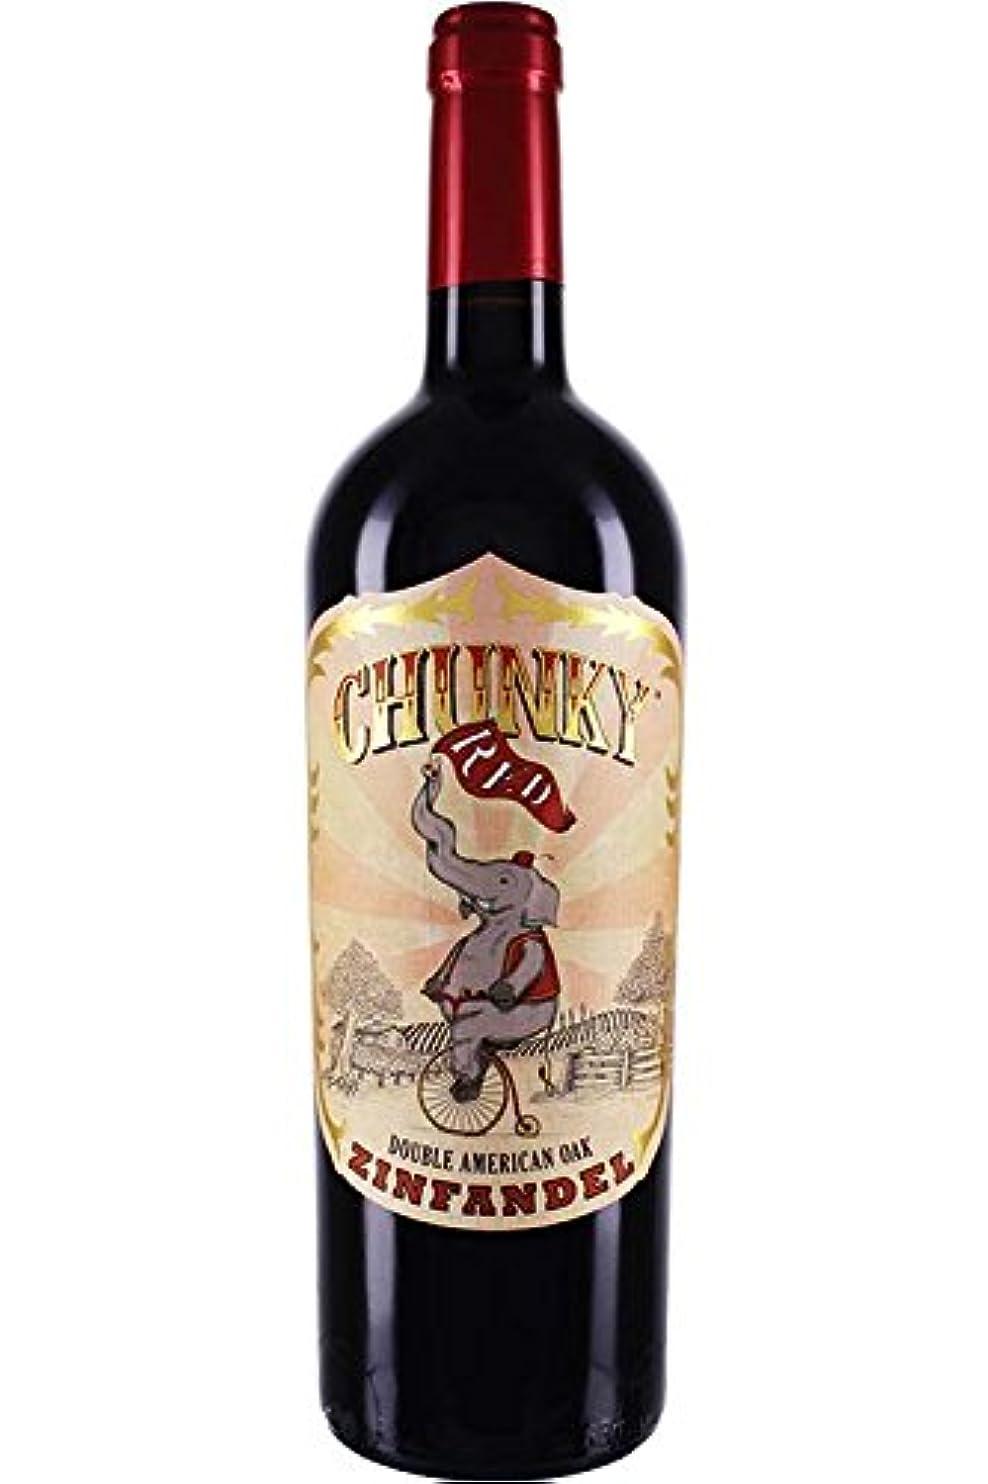 かわす些細理由チャンキー レッド?ジンファンデル 2017年 マーレ?マンニュム 750ml 赤ワイン (イタリア プーリア)